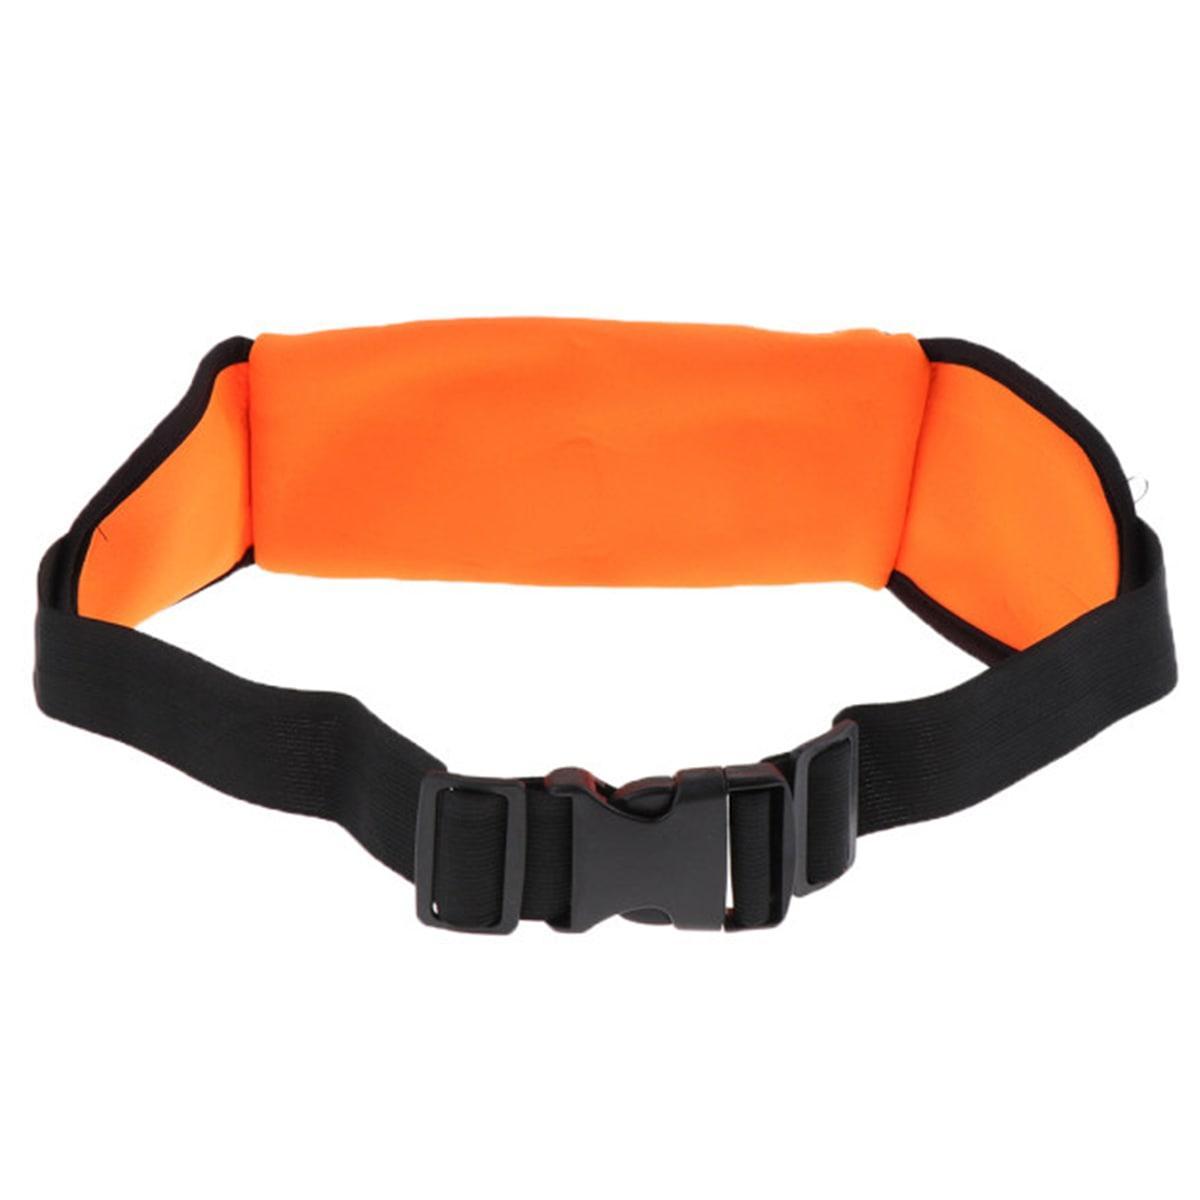 Сумка спортивная поясная для телефона оранжевая - фото 5